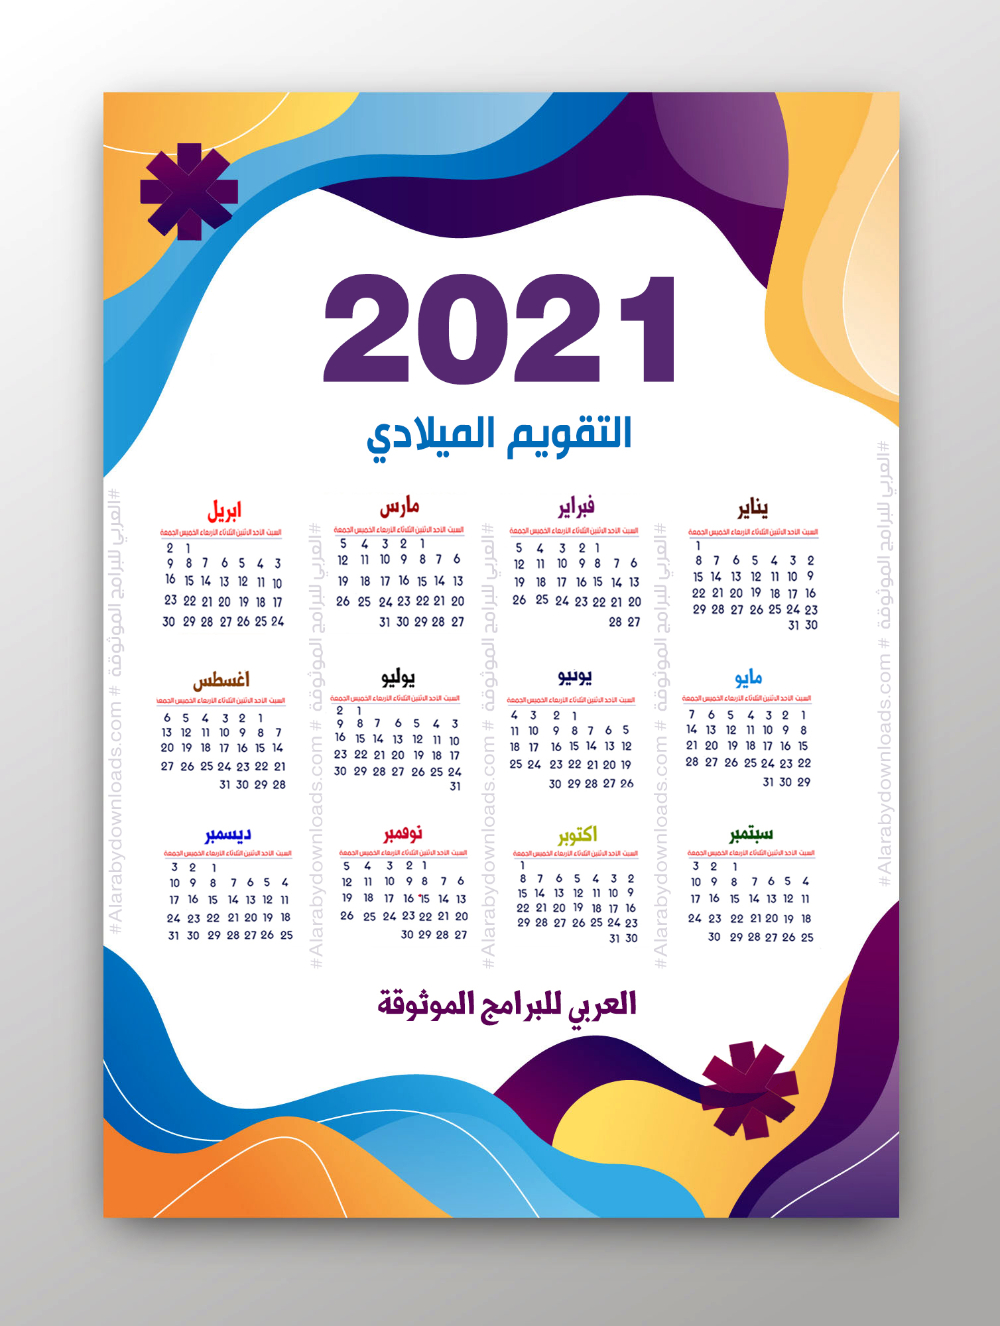 تحميل التقويم الميلادي 2021 عربي صورة تحميل تقويم 2021 برابط with regard to Rut Calendar 2021